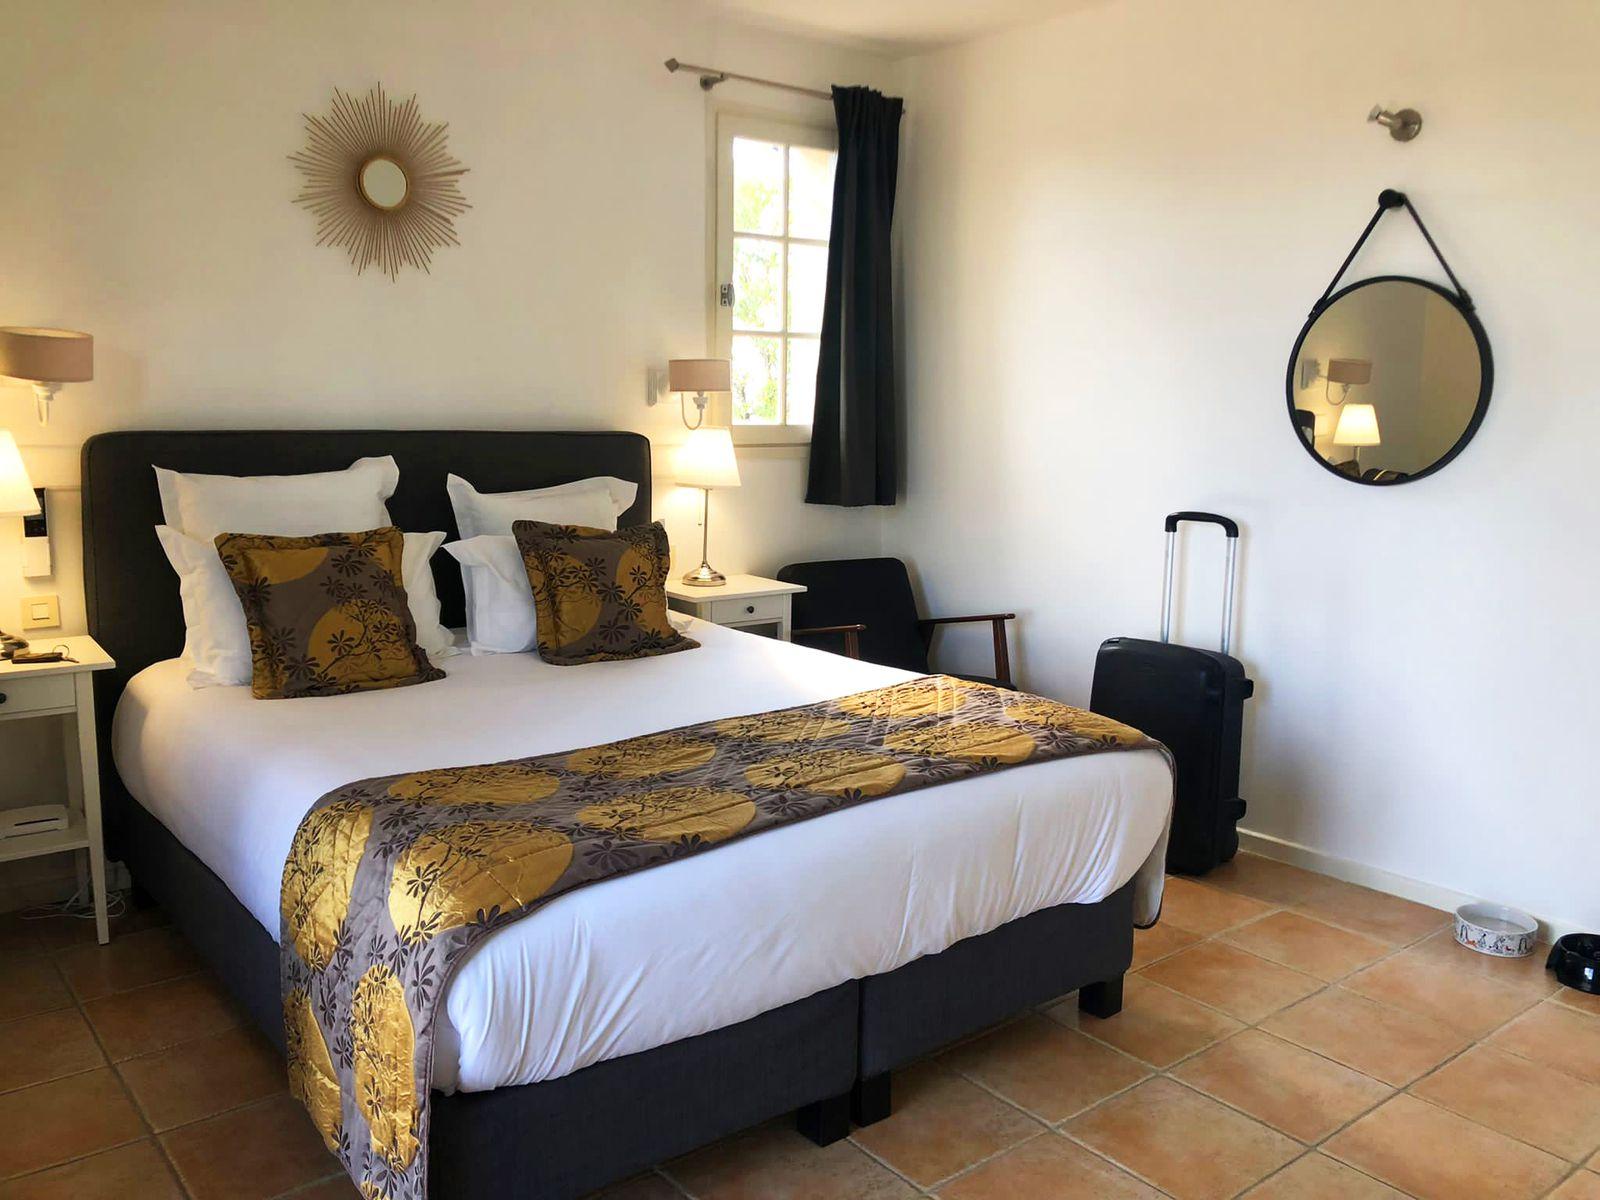 Les Voyages de Caroline : l'Hôtel des Vieilles Tours sur Rocamadour